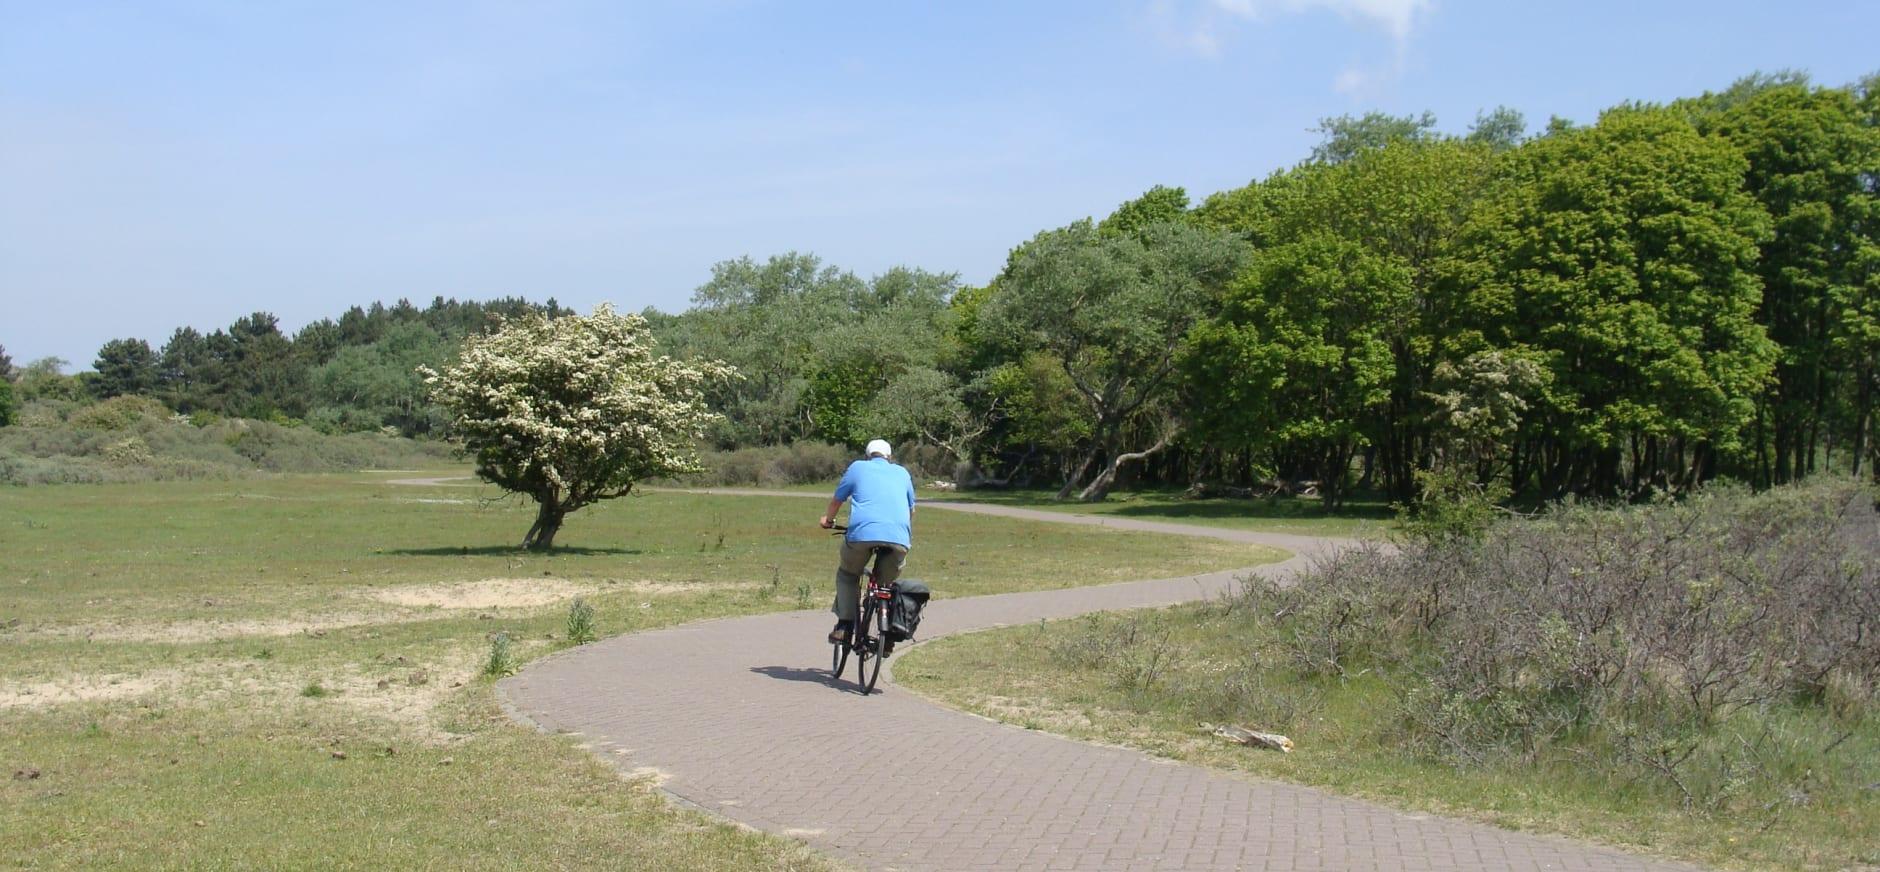 fietsen in Nationaal Park Zuid-Kennemerland